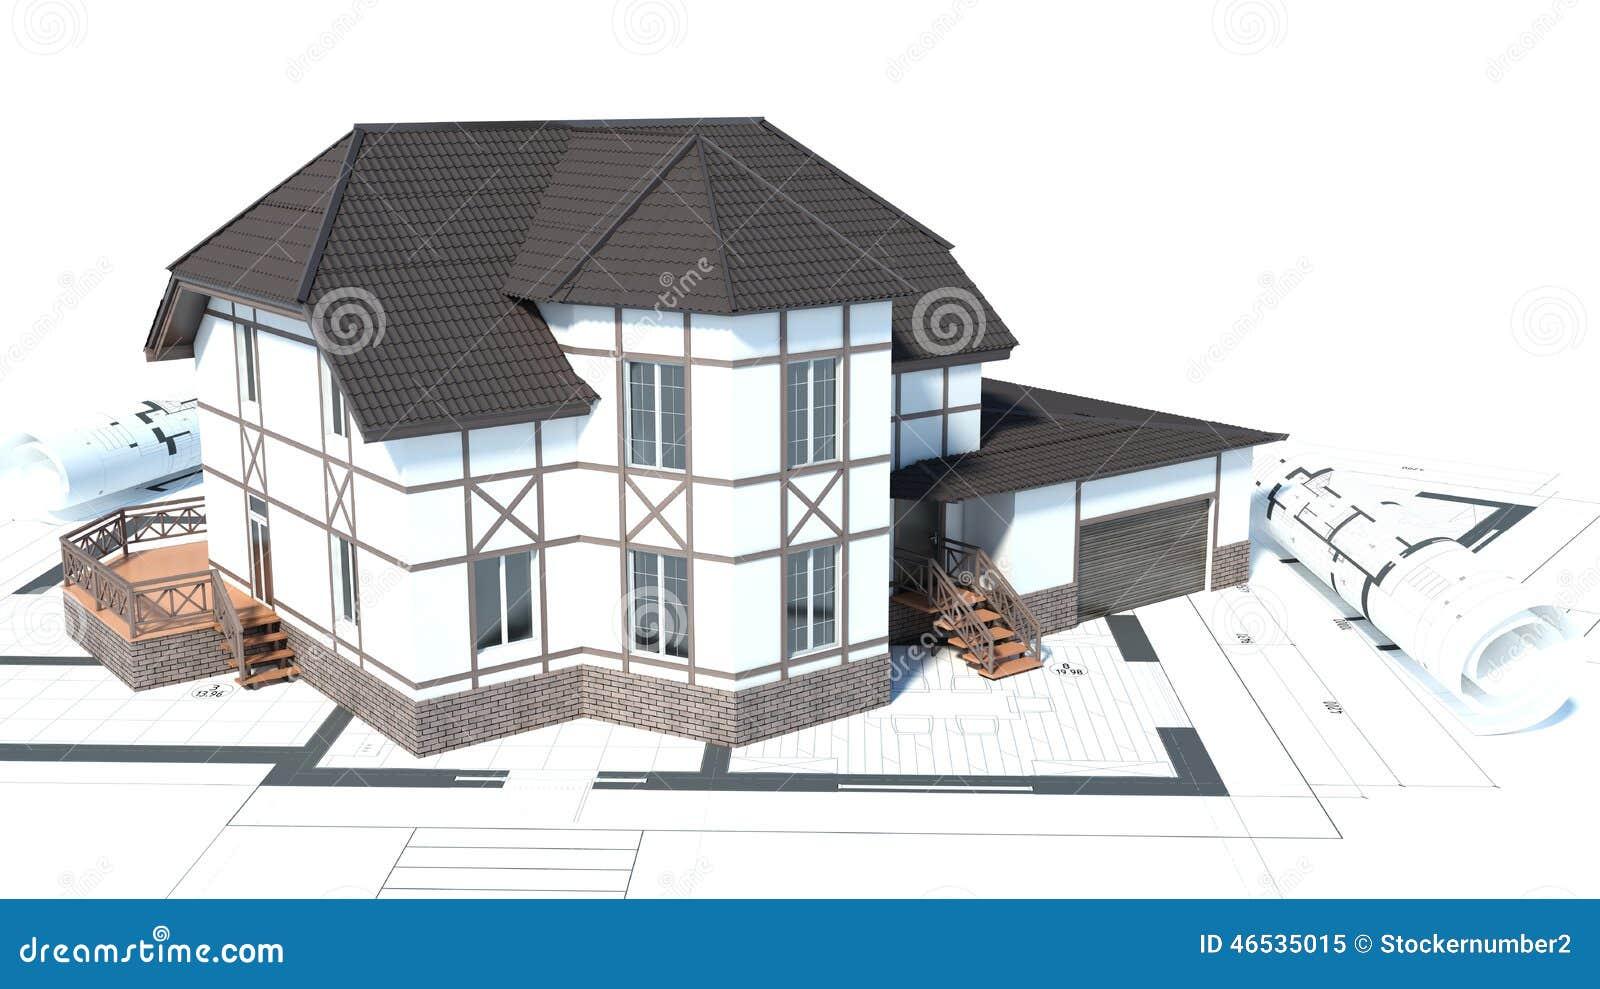 Bouw van huizen tekeningen 3d illustratie stock for Architecte 3d metier